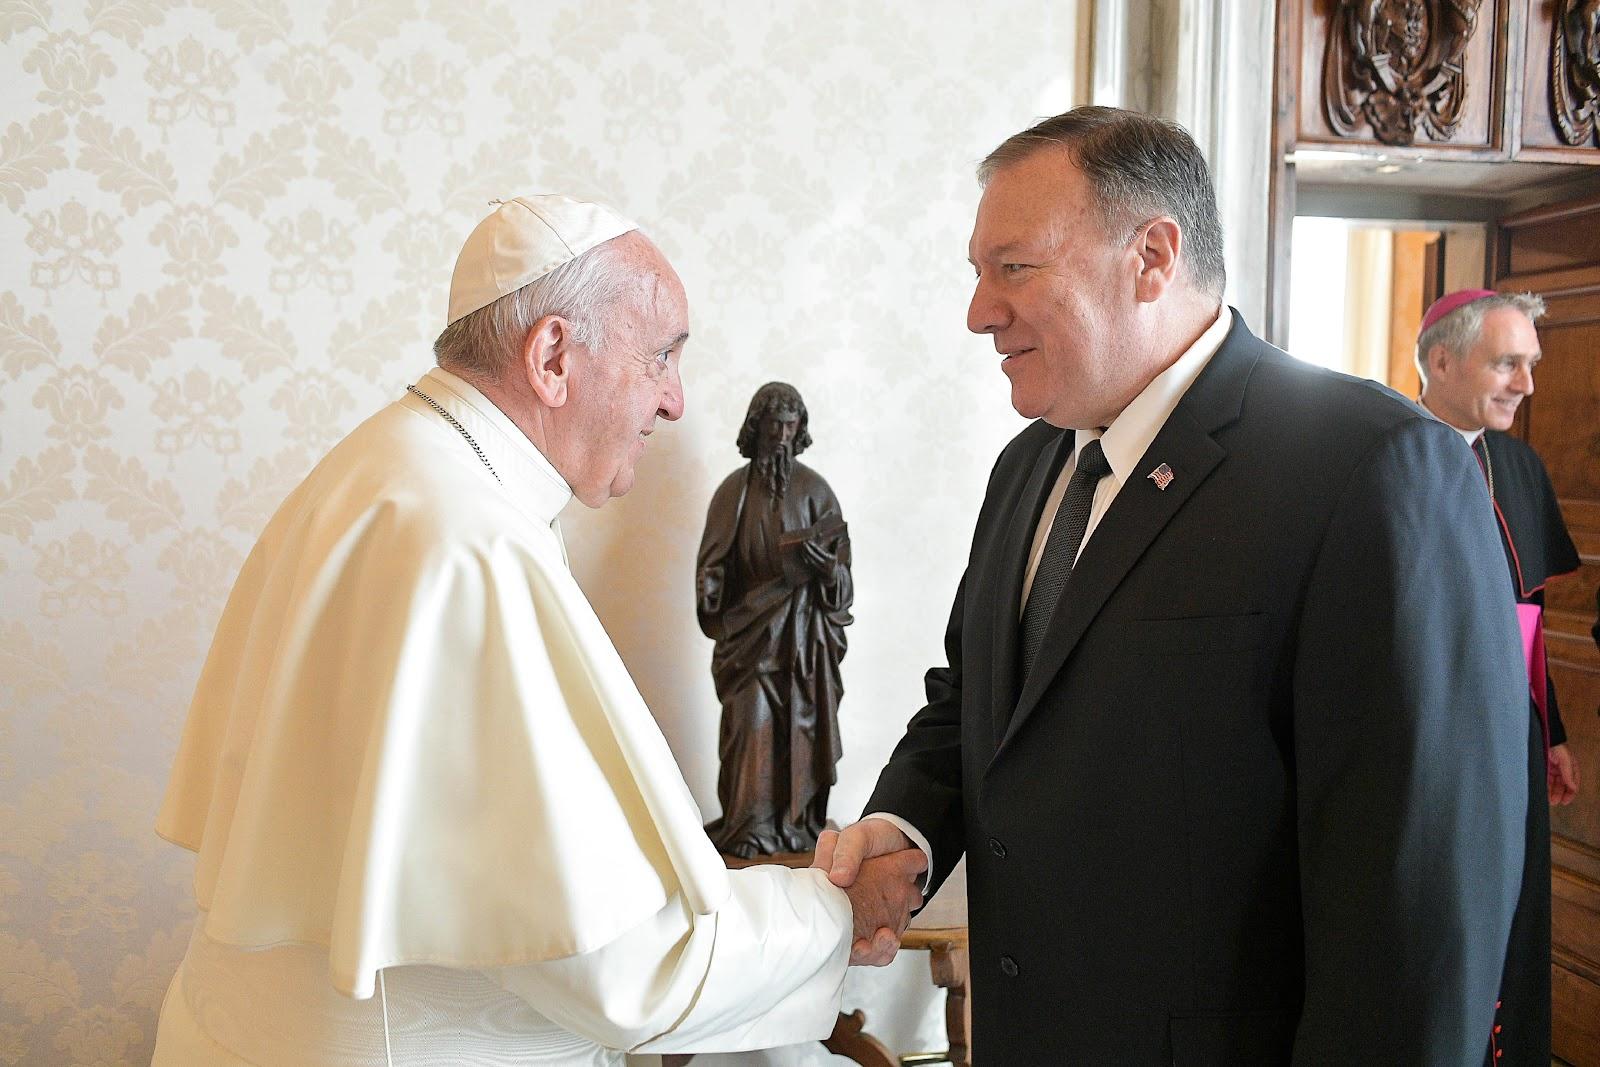 Hoa Kỳ và Tòa Thánh: hợp tác trong việc thúc đẩy tự do tôn giáo, chống buôn người, và thăng tiến nhân quyền